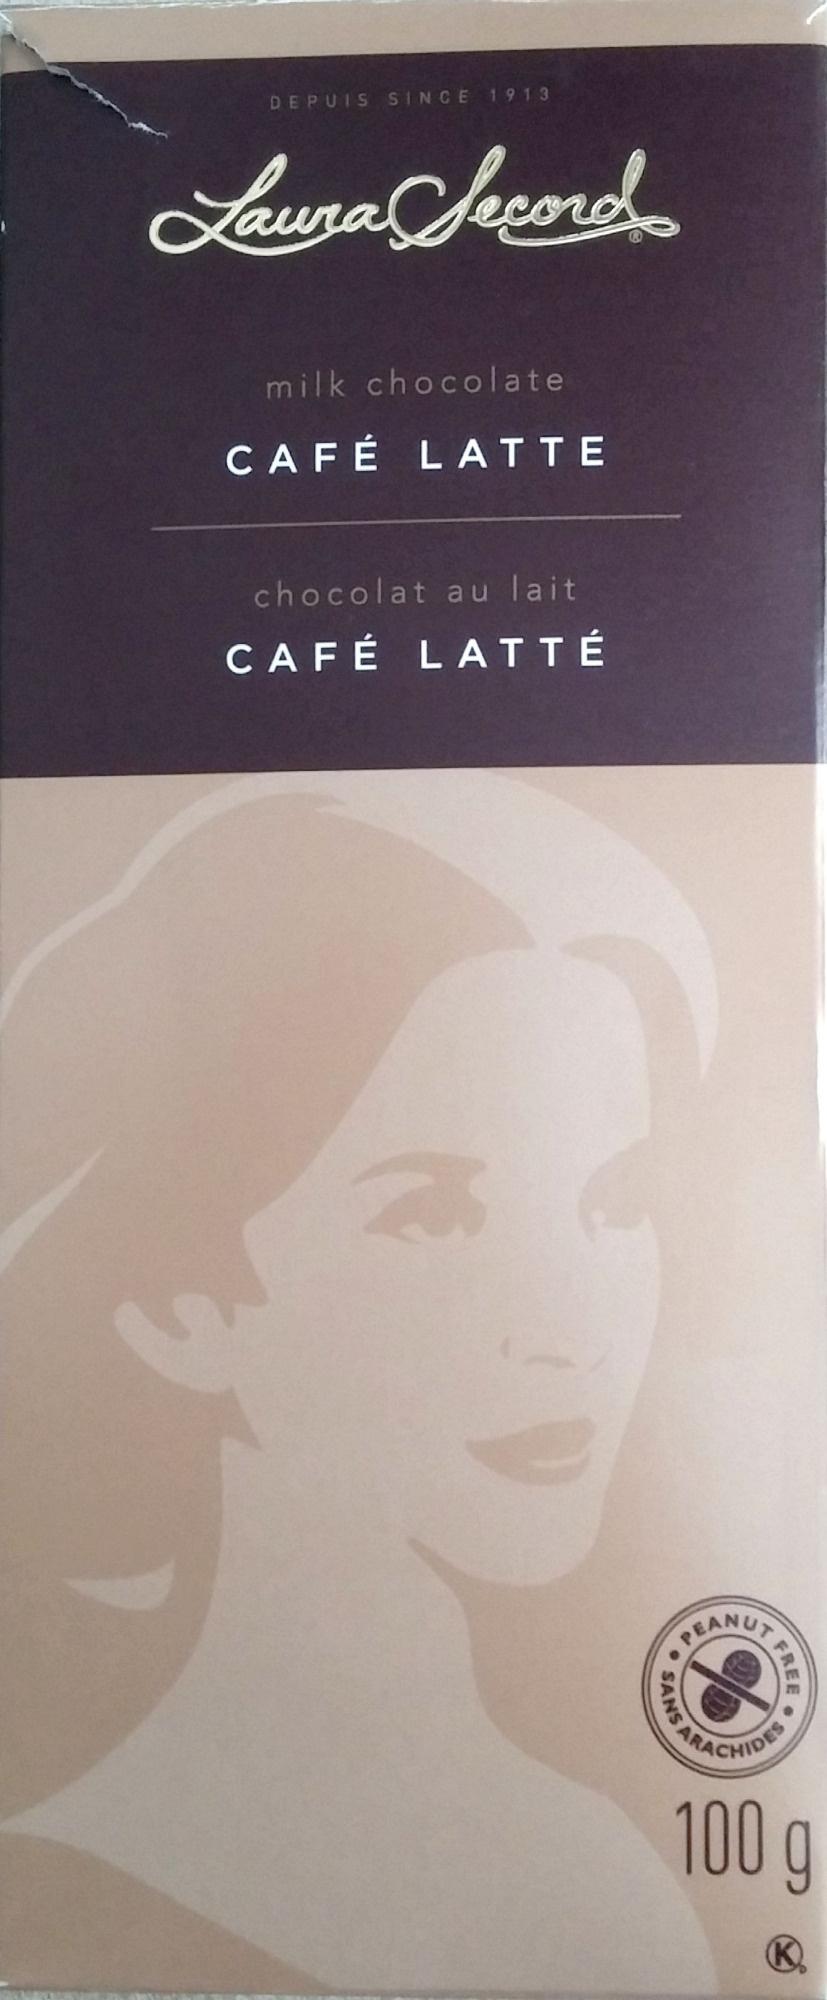 Café Latte milk chocolate - Product - en